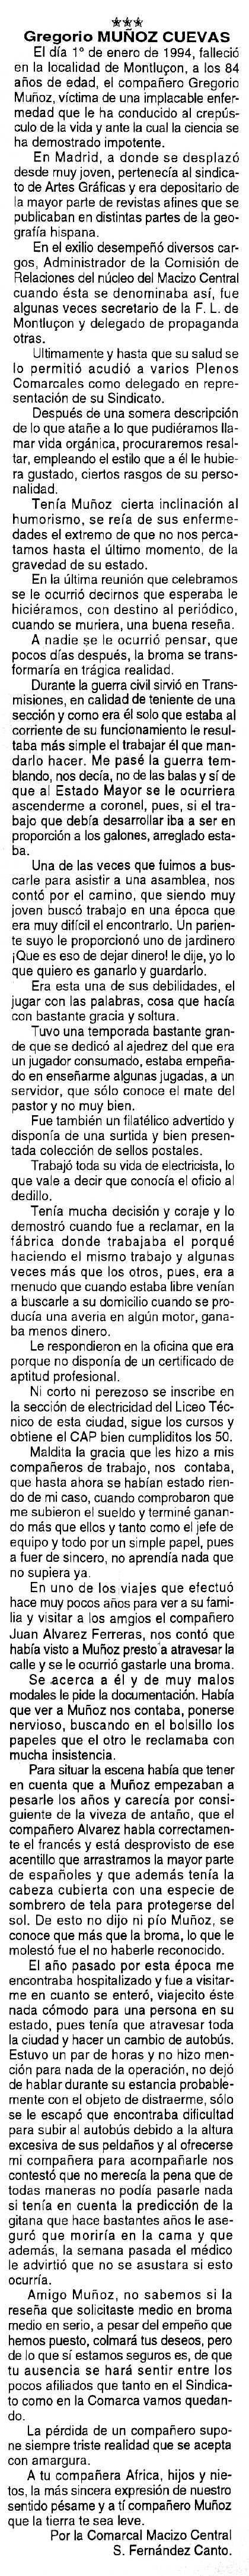 """Necrològica de Gregorio Muñoz Cuevas apareguda en el periòdic tolosà """"Cenit"""" del 25 de gener de 1994"""